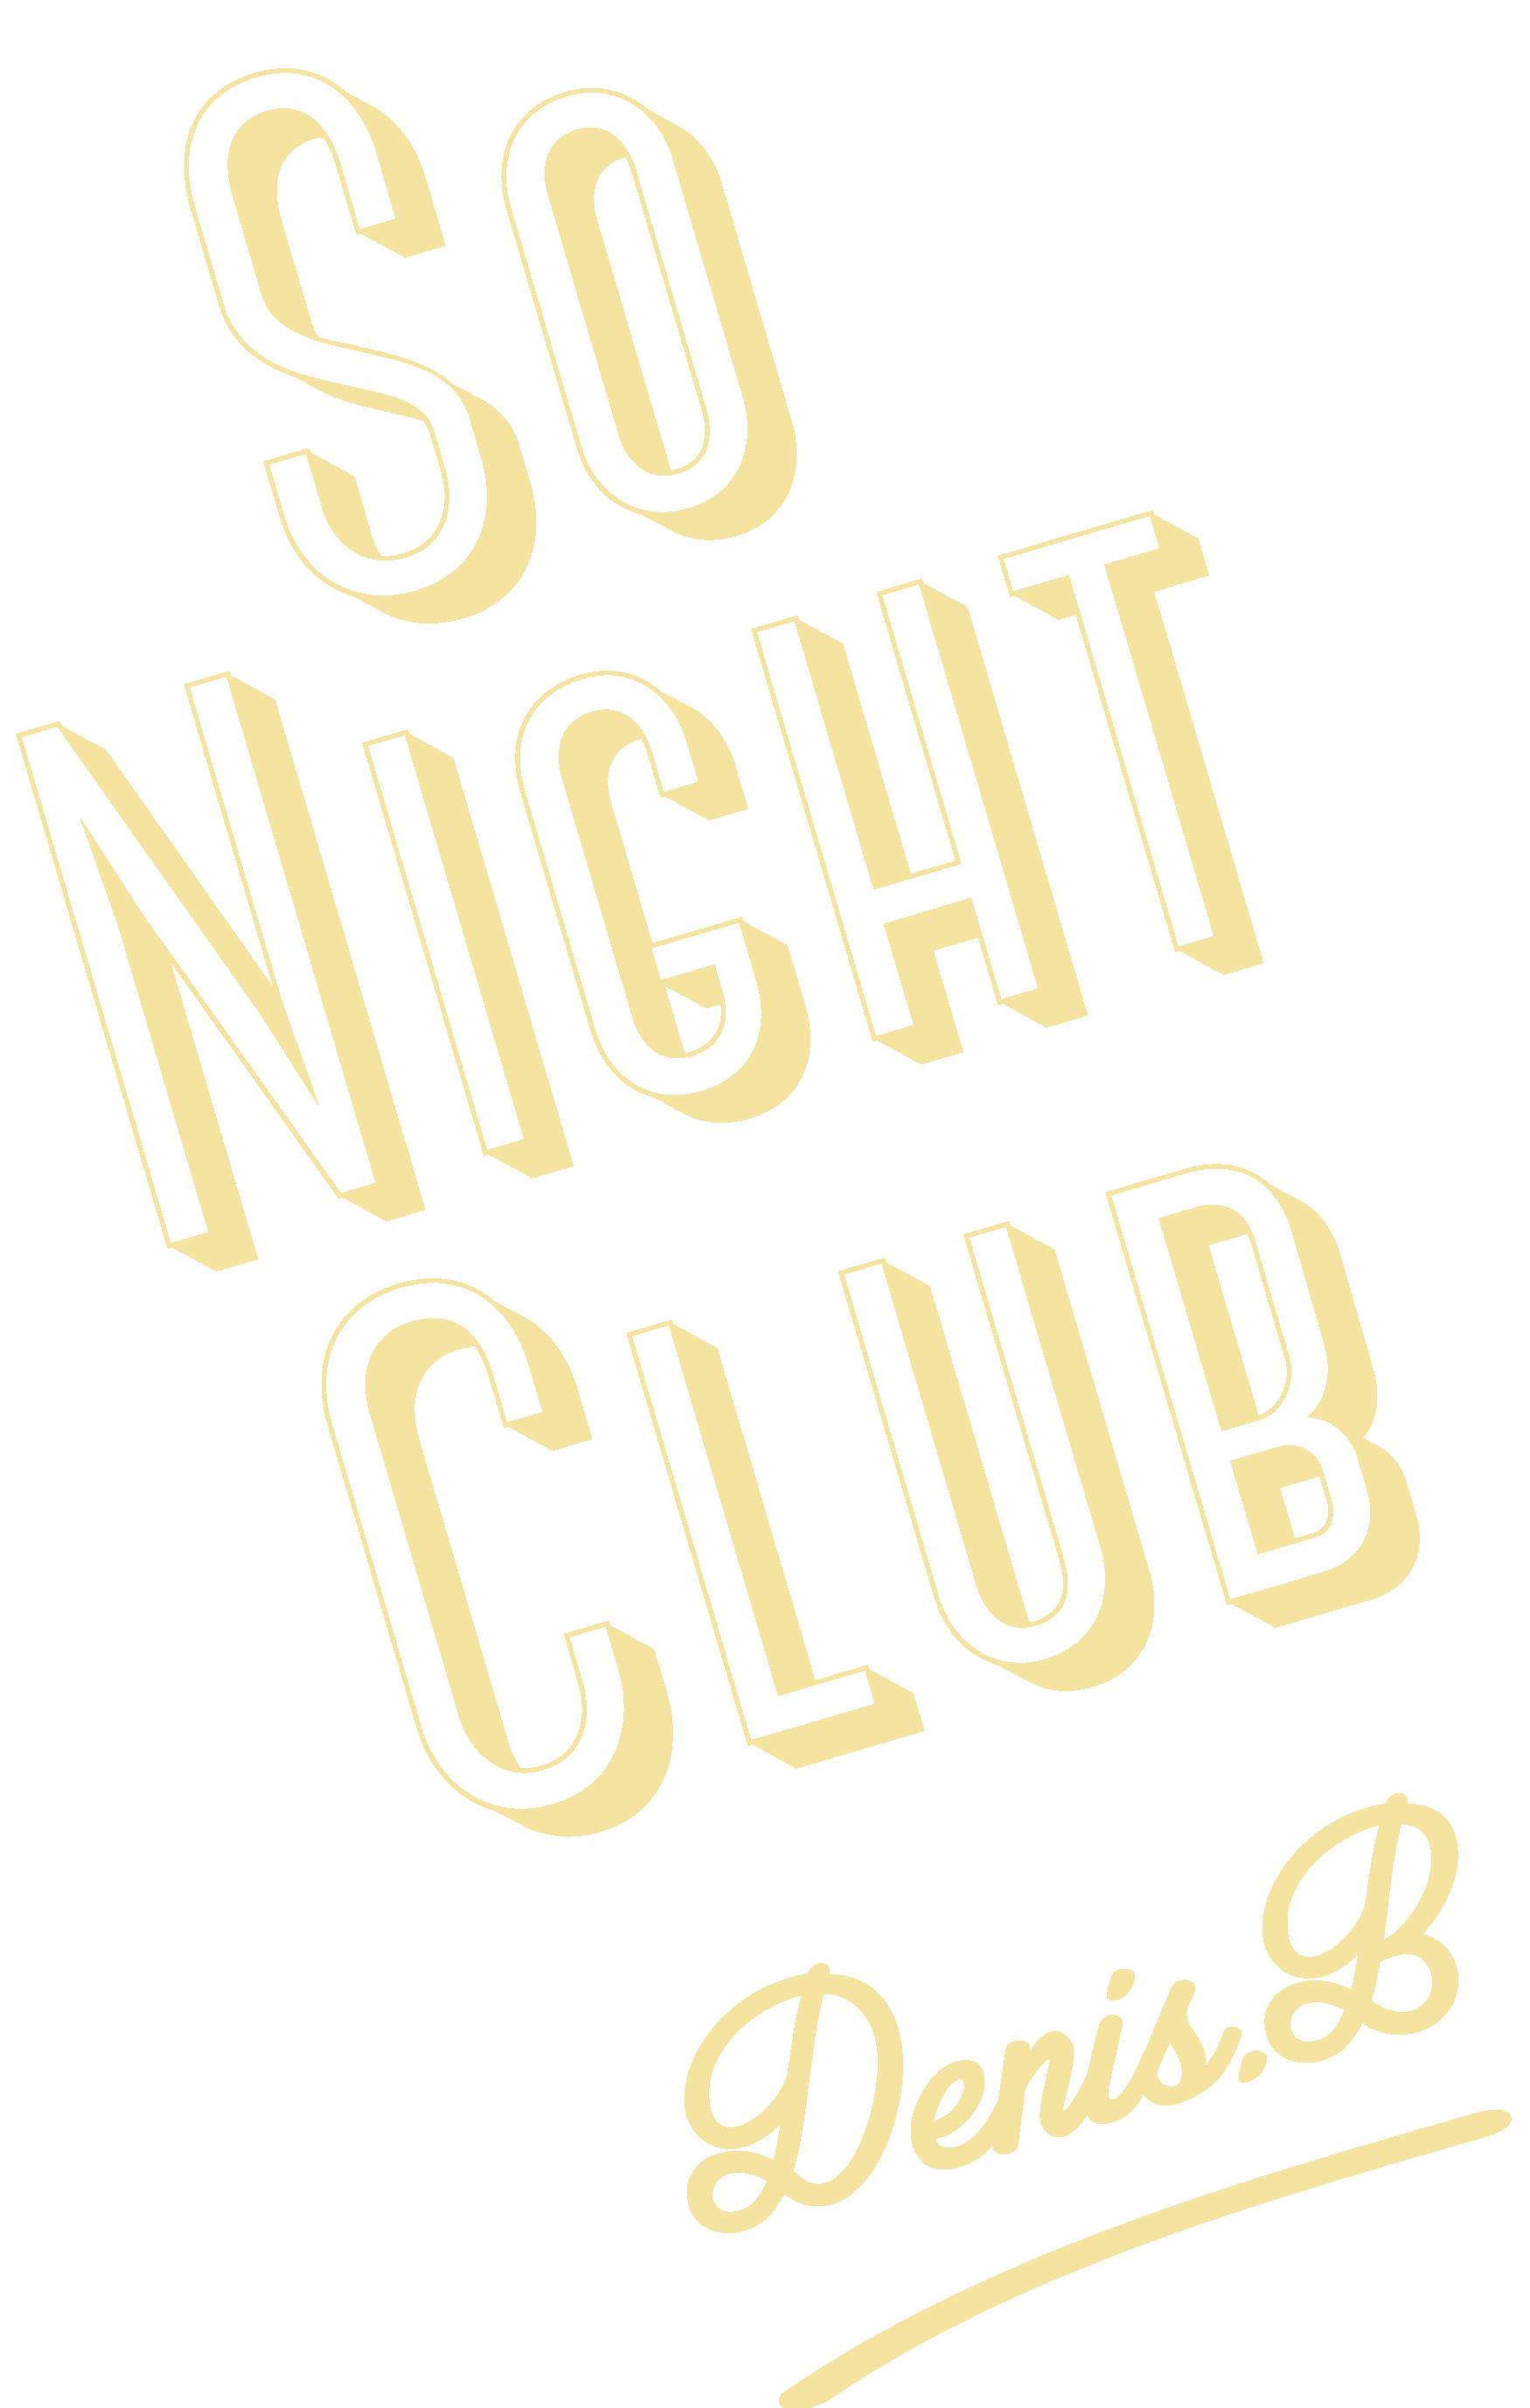 Sonightclub